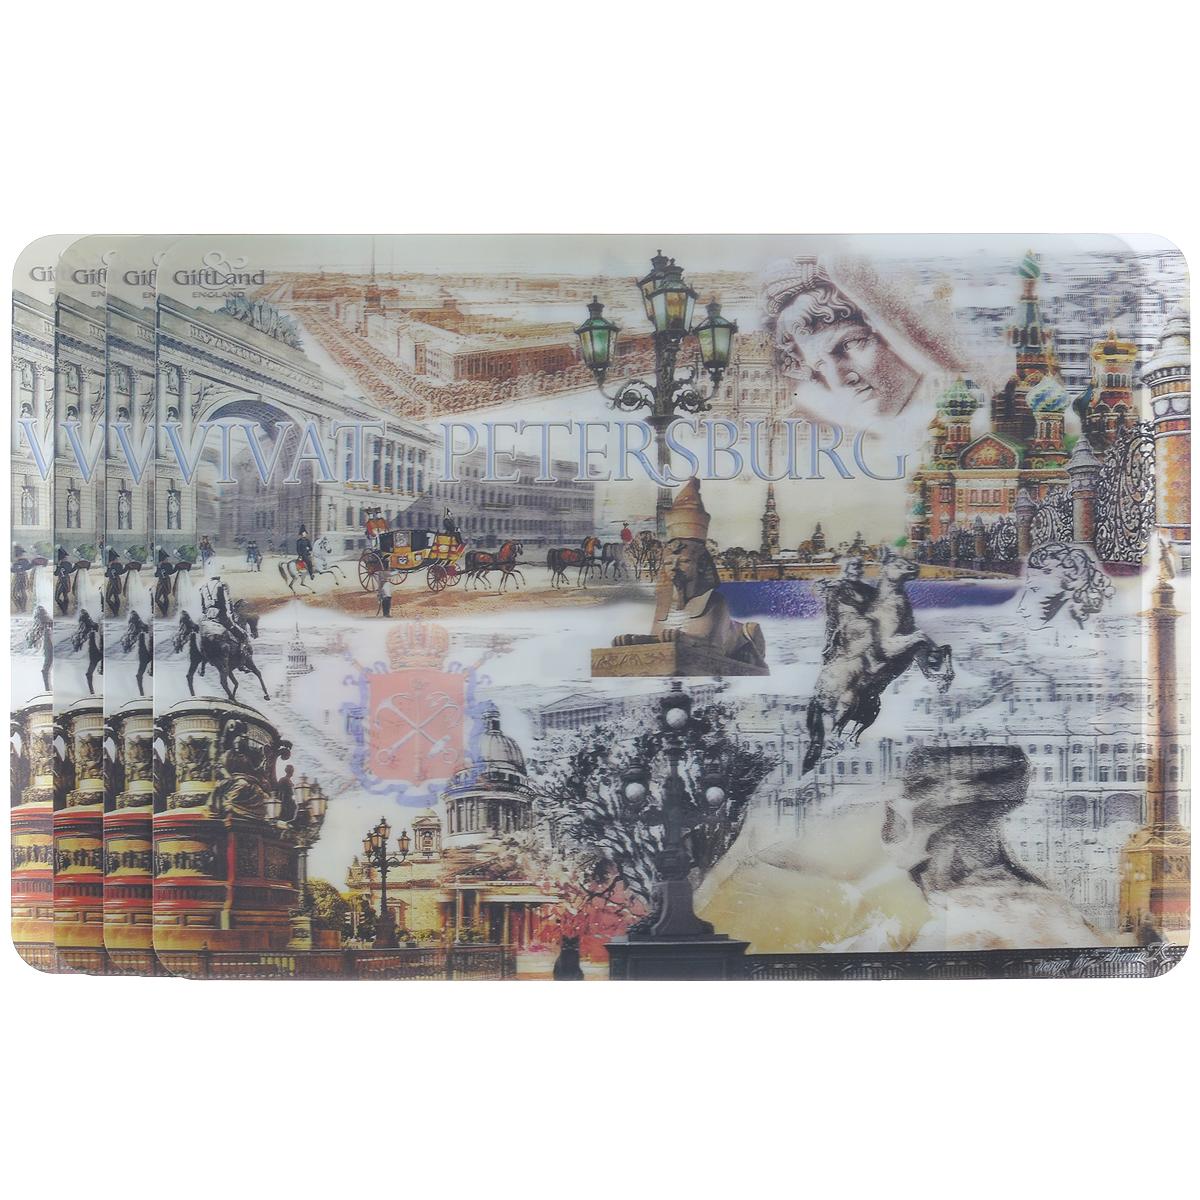 Набор сервировочных салфеток 3D GiftLand Виват Петербург, 34,5 х 24,5 см, 4 шт115510Набор GiftLand Виват Петербург, изготовленный из полипропилена, состоит из четырех сервировочных салфеток с эффектом 3D. Такие салфетки - это отличная идея для сервировки! Салфетки декорированы ярким объемным изображением достопримечательностей Санкт-Петербурга. Изделия защищают поверхность стола от воздействия температур, влаги и загрязнений, а также украшают интерьер. Могут использоваться для детского творчества (рисования, лепки из пластилина) в качестве защитного покрытия, подставки под вазы, кухонные приборы.Размер салфетки: 34,5 см х 24,5 см.